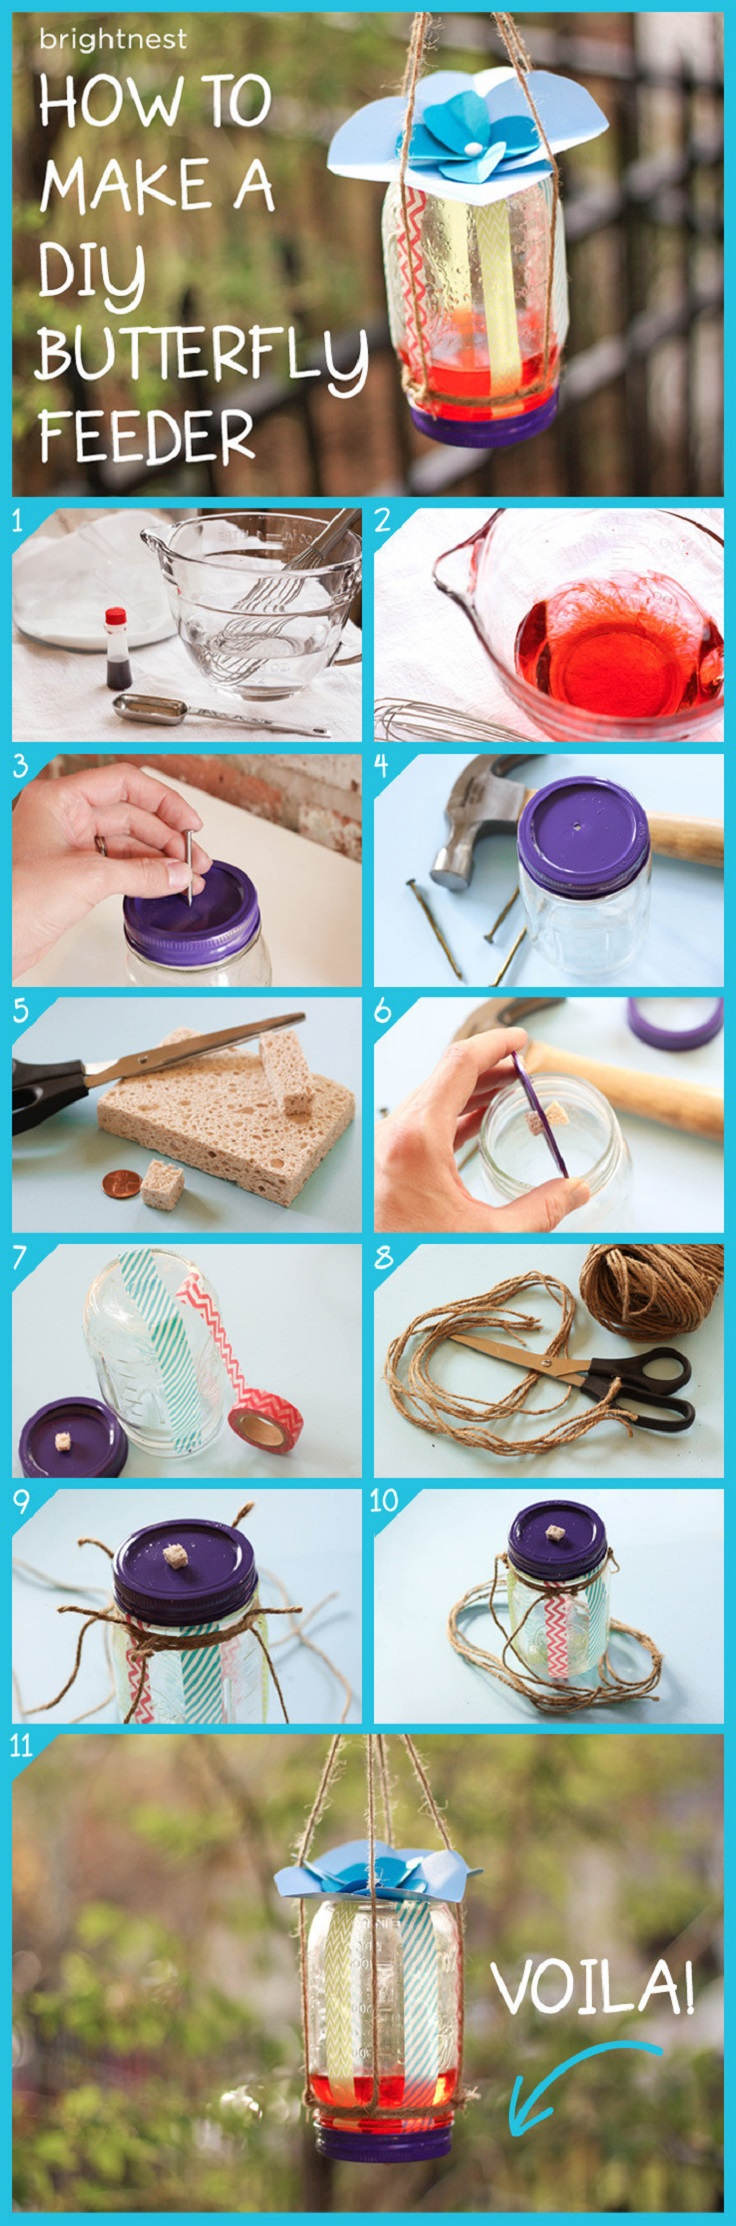 DIY-Butterfly-Feeder-in-6-Simple-Steps